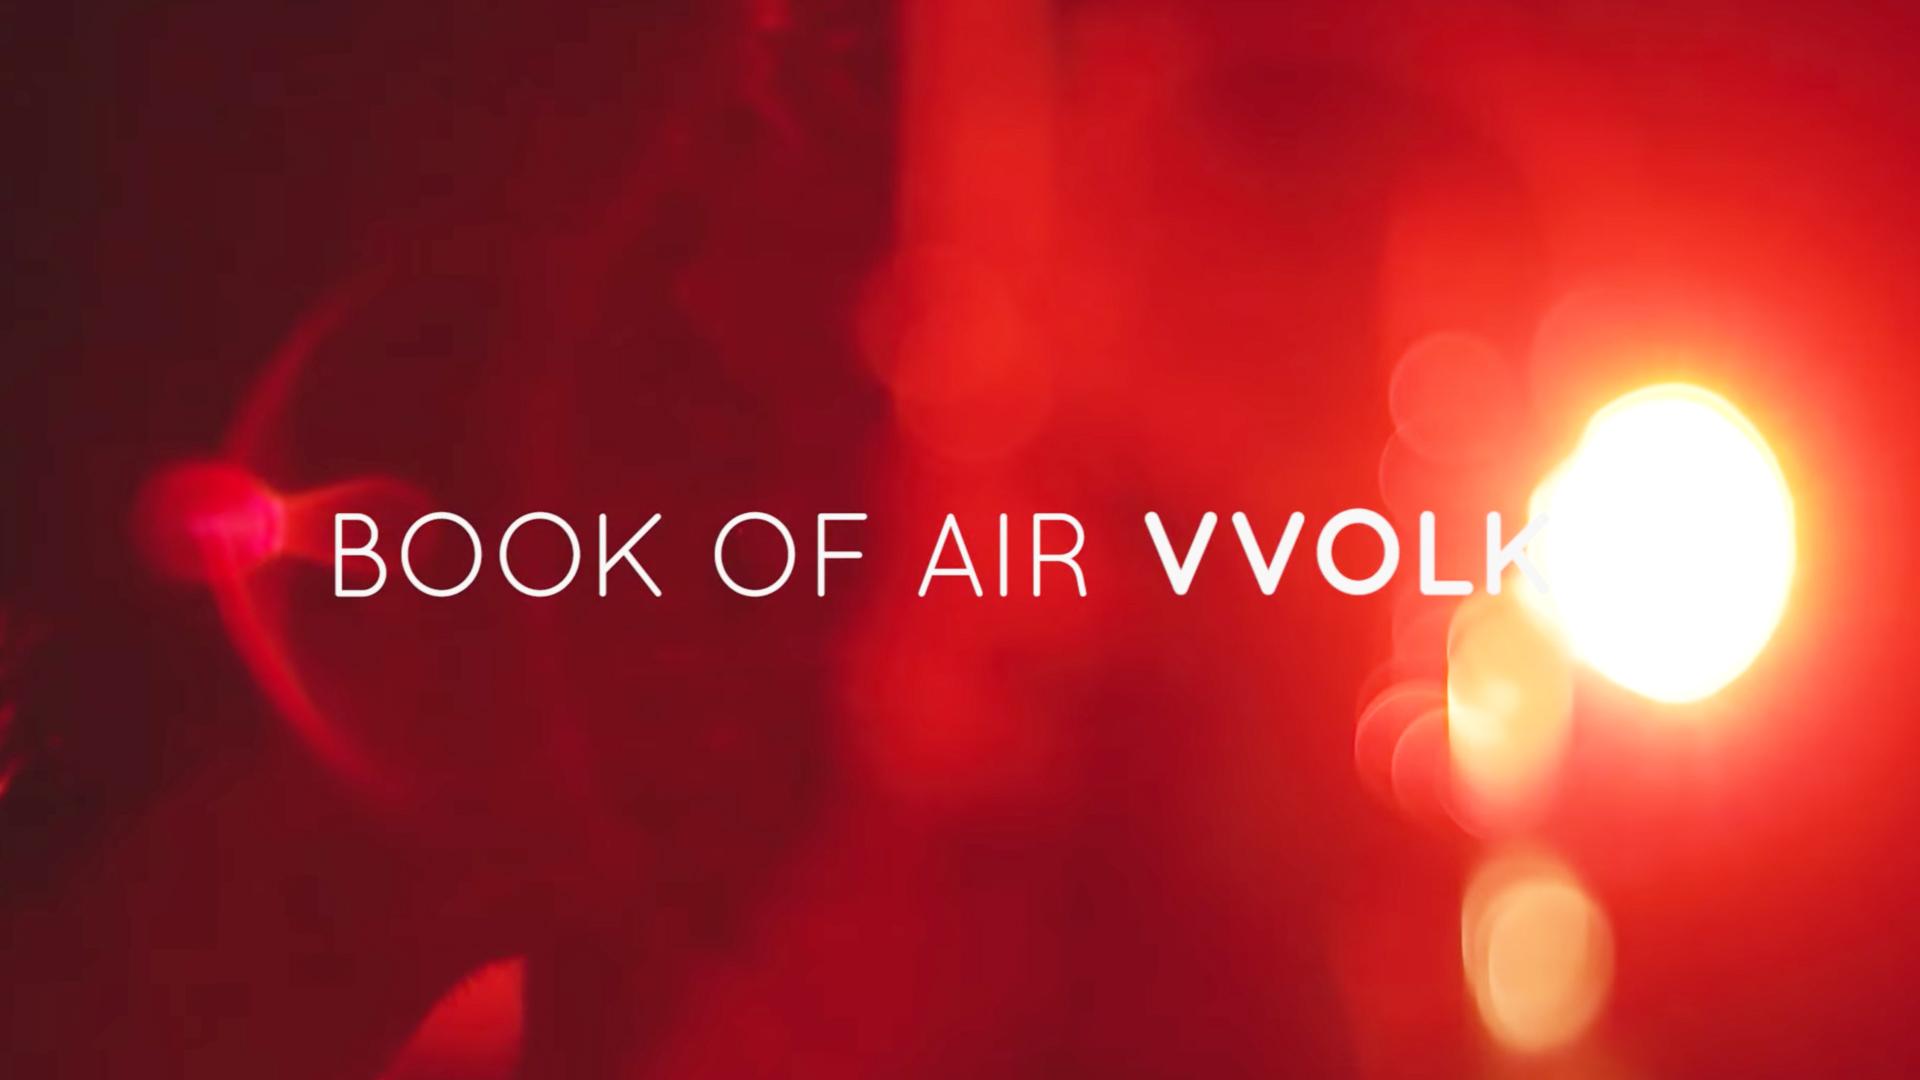 Short Film – Book of Air – VVOLK